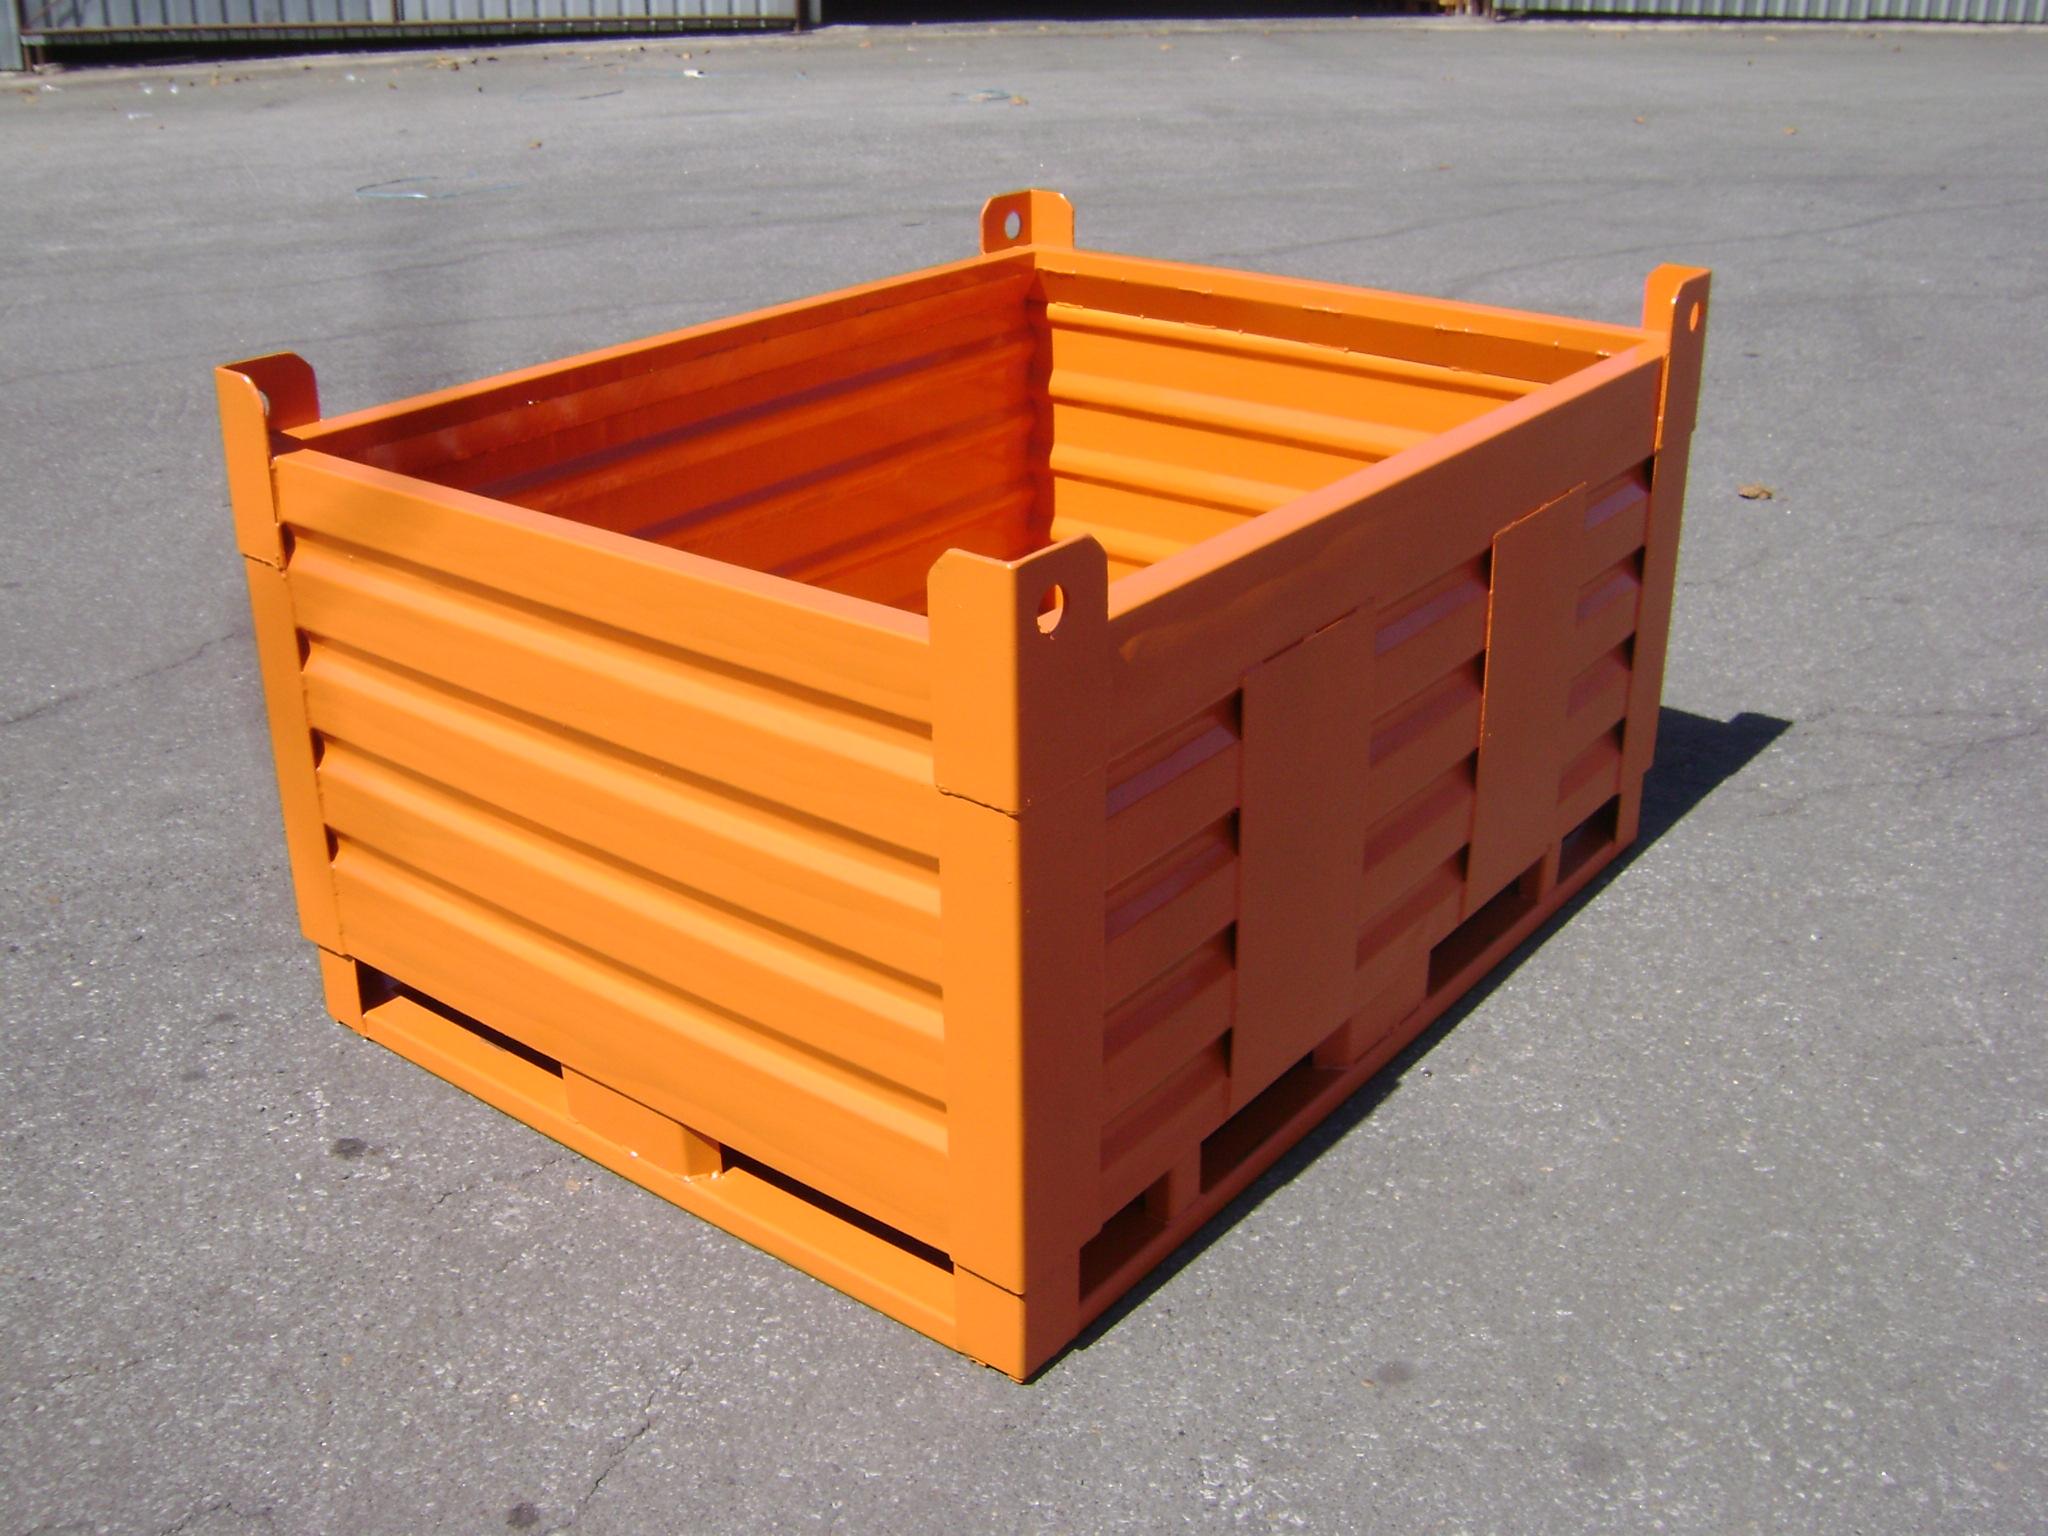 Caçamba 2000kg lateral - Comércio PALOMAR de Ferro e Aço LTDA